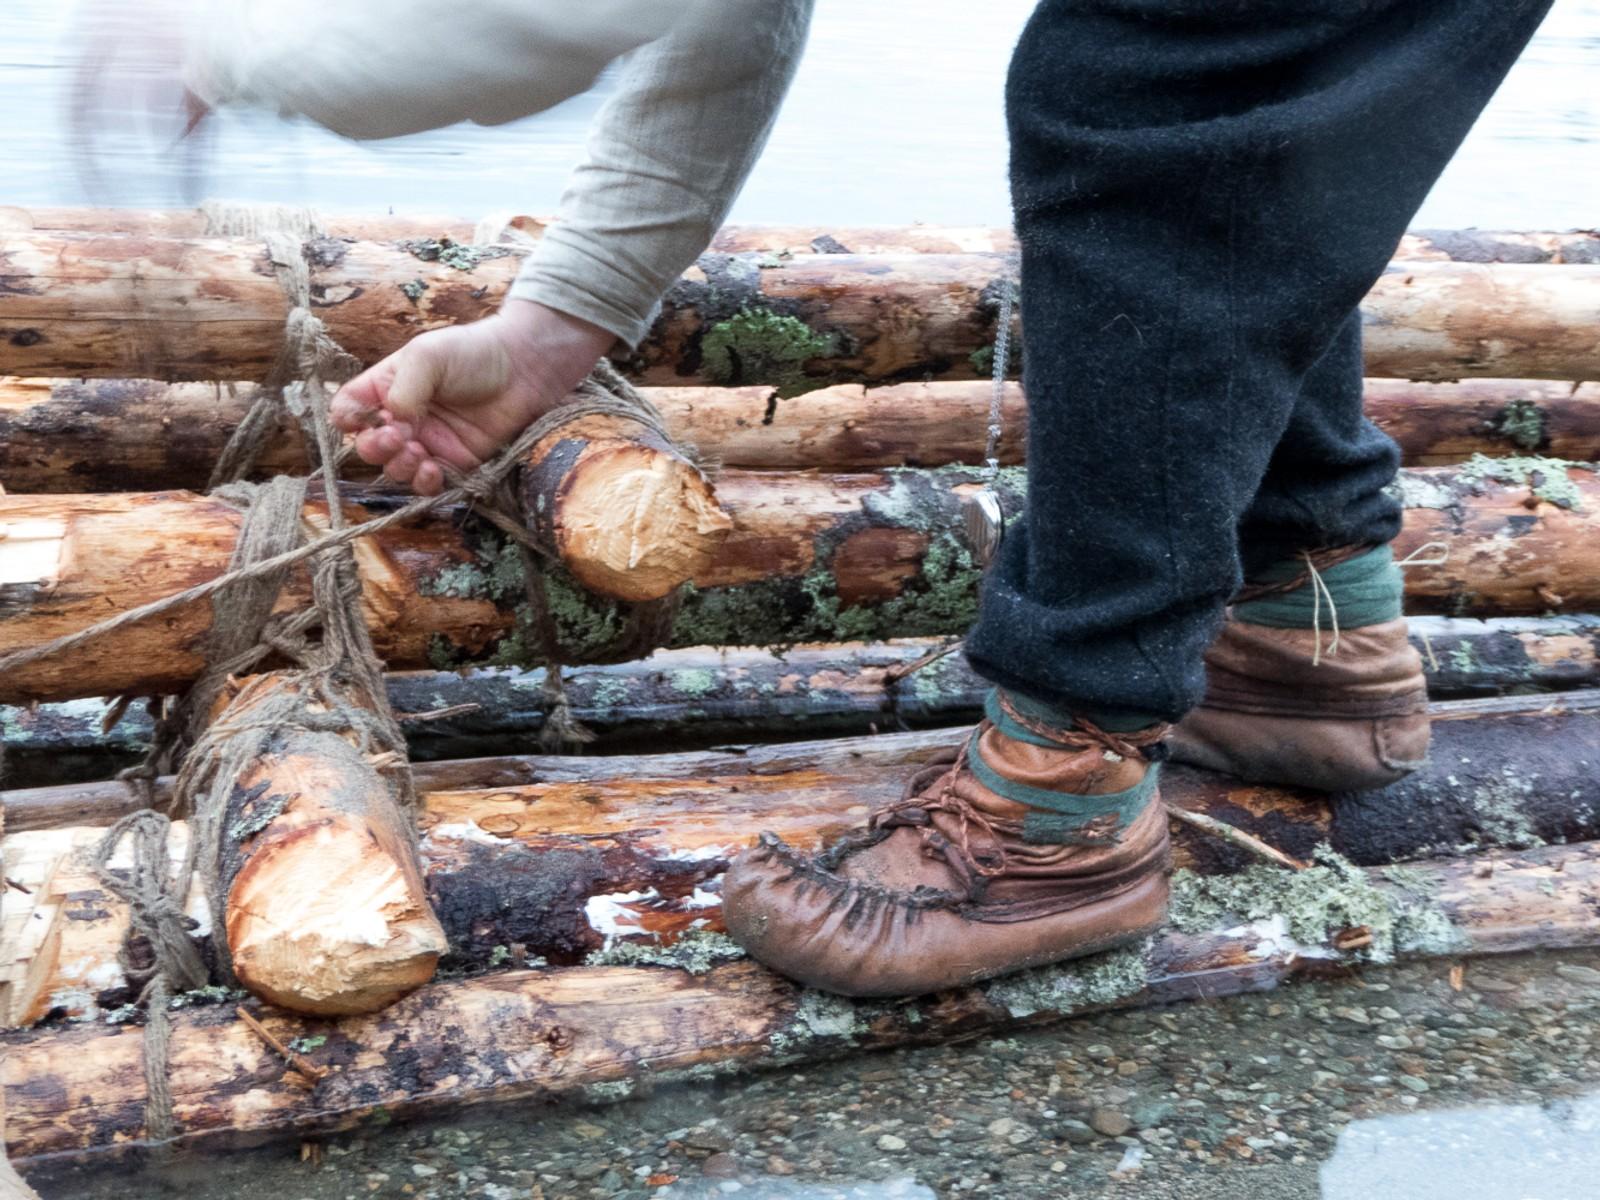 BYGGET FLÅTE: Ved Salsvatnet i Nord-Trøndelag måtte Lars Monsen bygge en flåte til å ta seg over med.